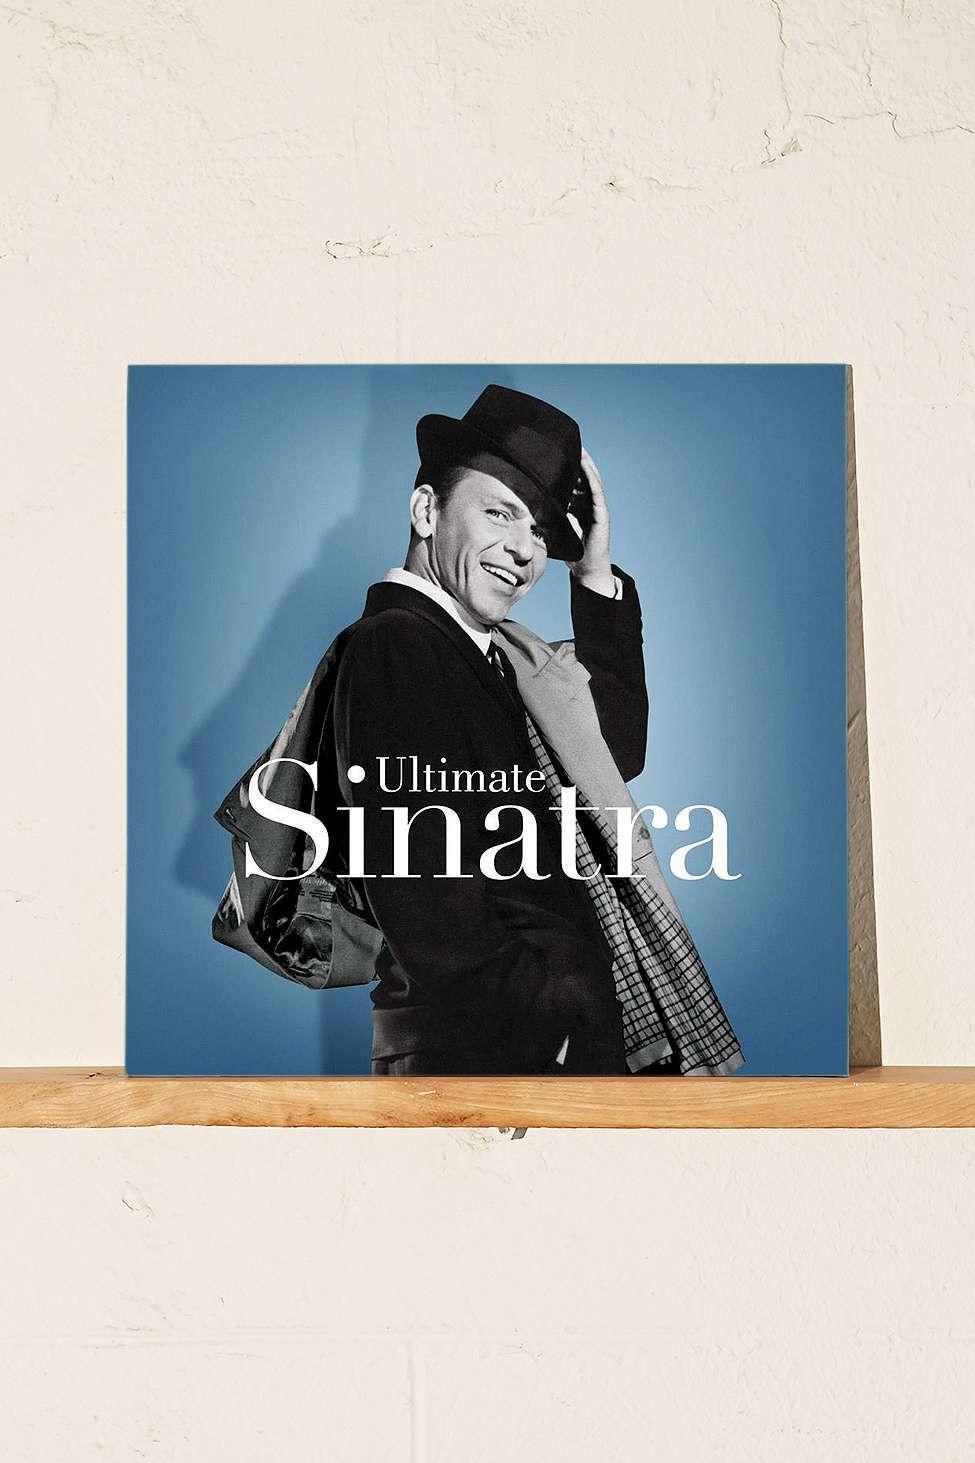 Frank Sinatra Ultimate Sinatra 2xlp Frank Sinatra